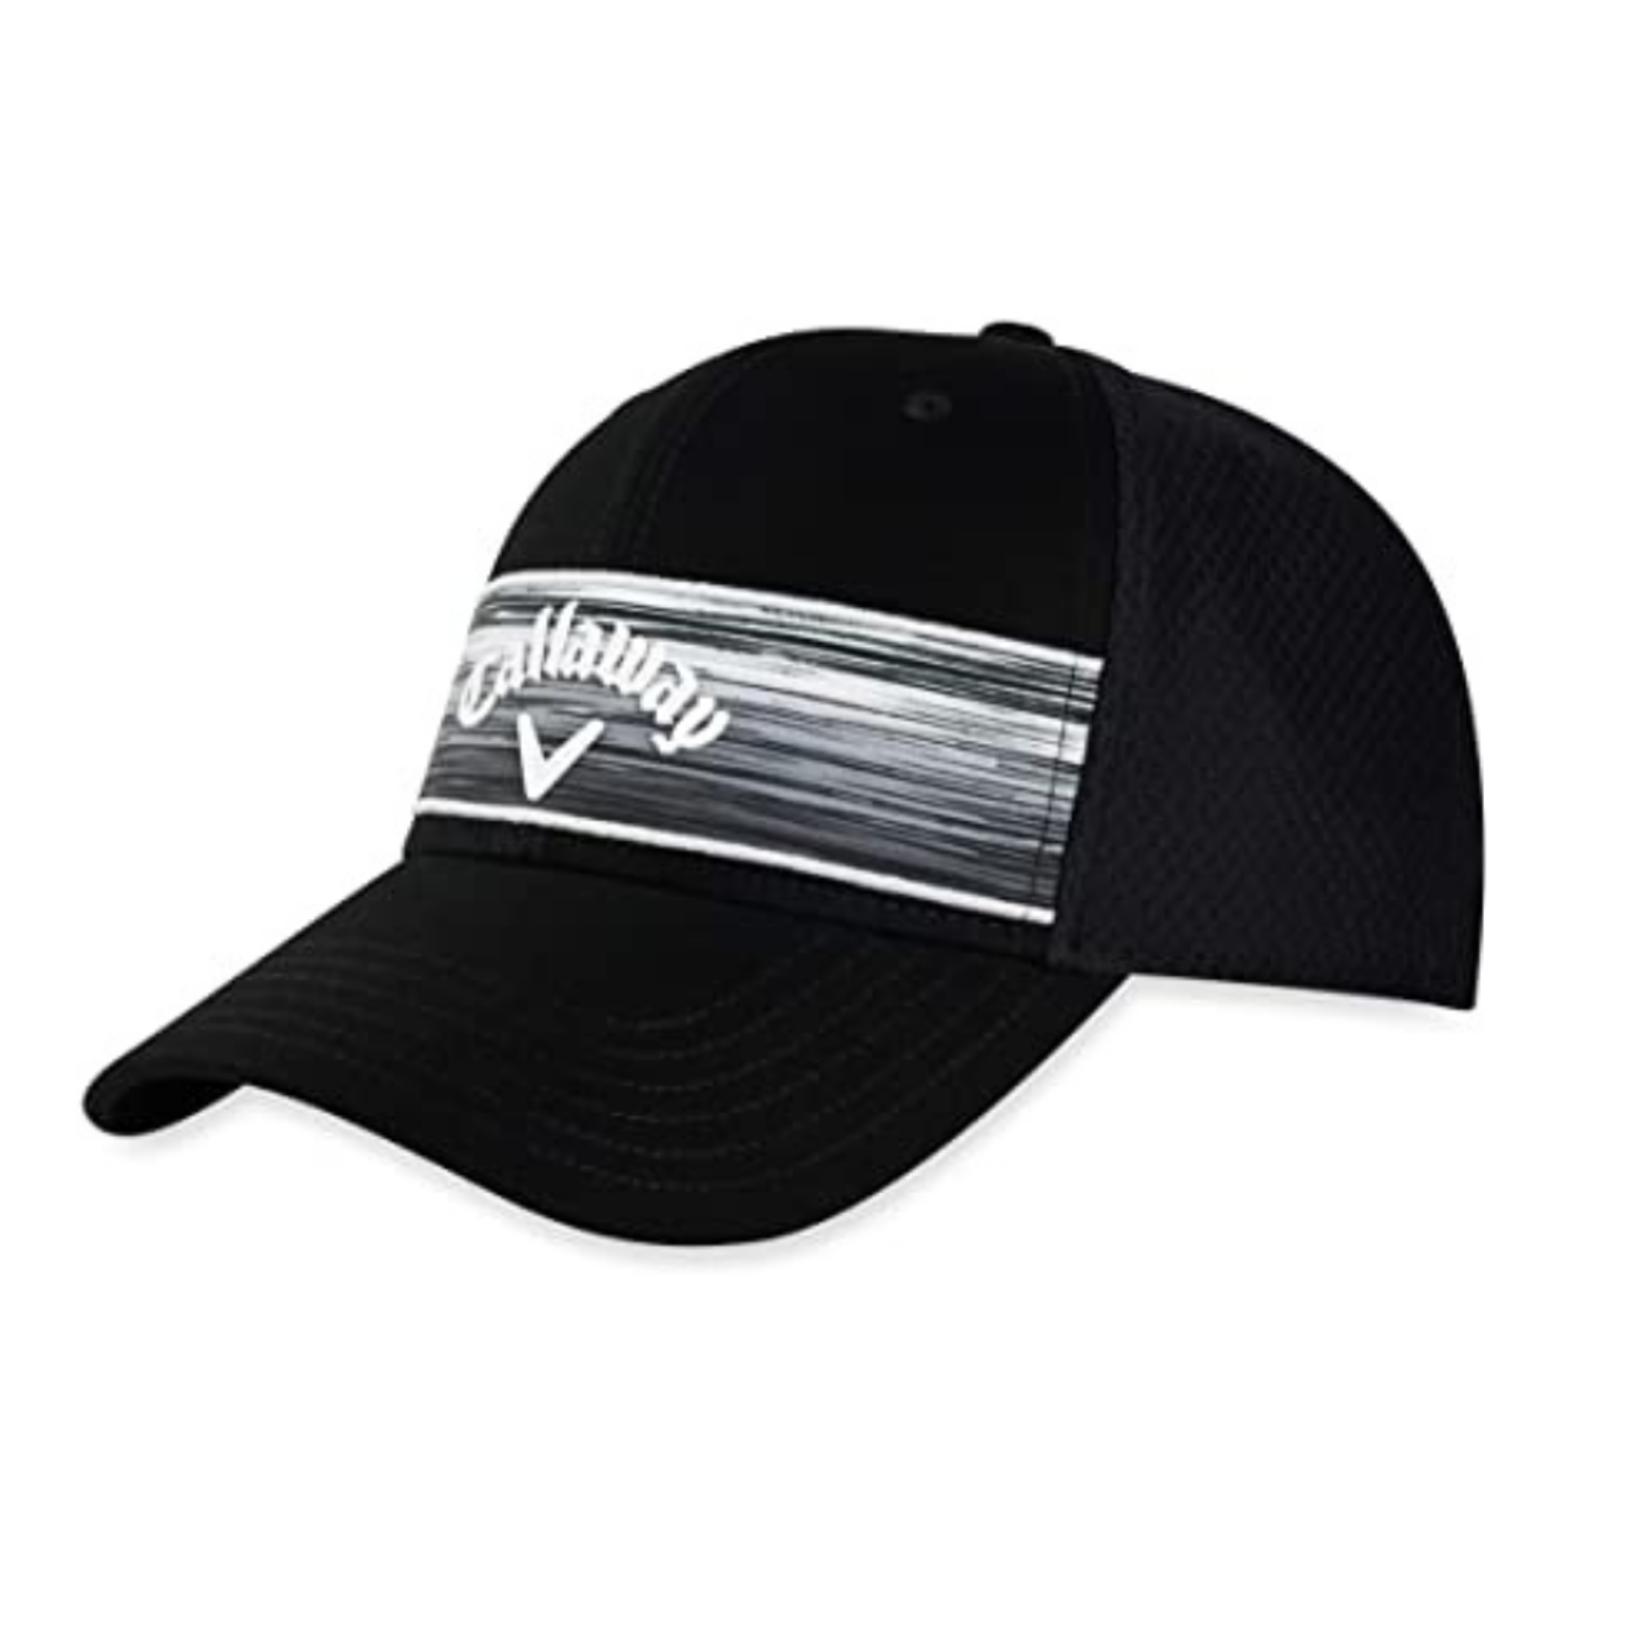 Callaway Callaway Stripe Mesh Hat (20')